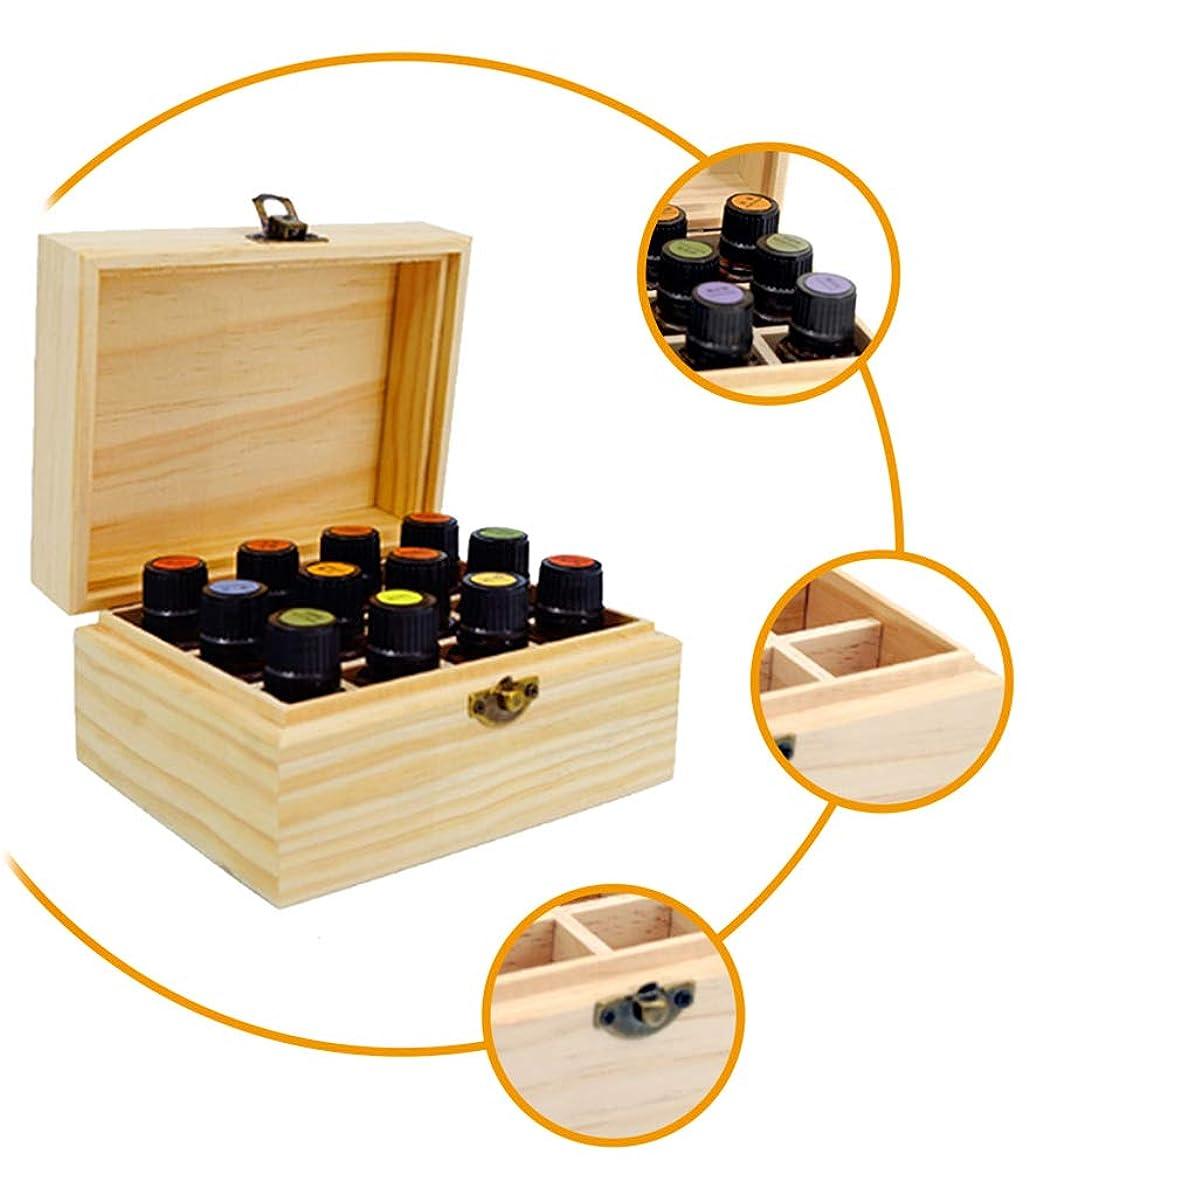 繰り返しナサニエル区バブルJIOLK エッセンシャルオイル 収納ボックス 12本用 木製 香水収納ケース 大容量 精油収納 携帯便利 オイルボックス おしゃれ 精油ケース